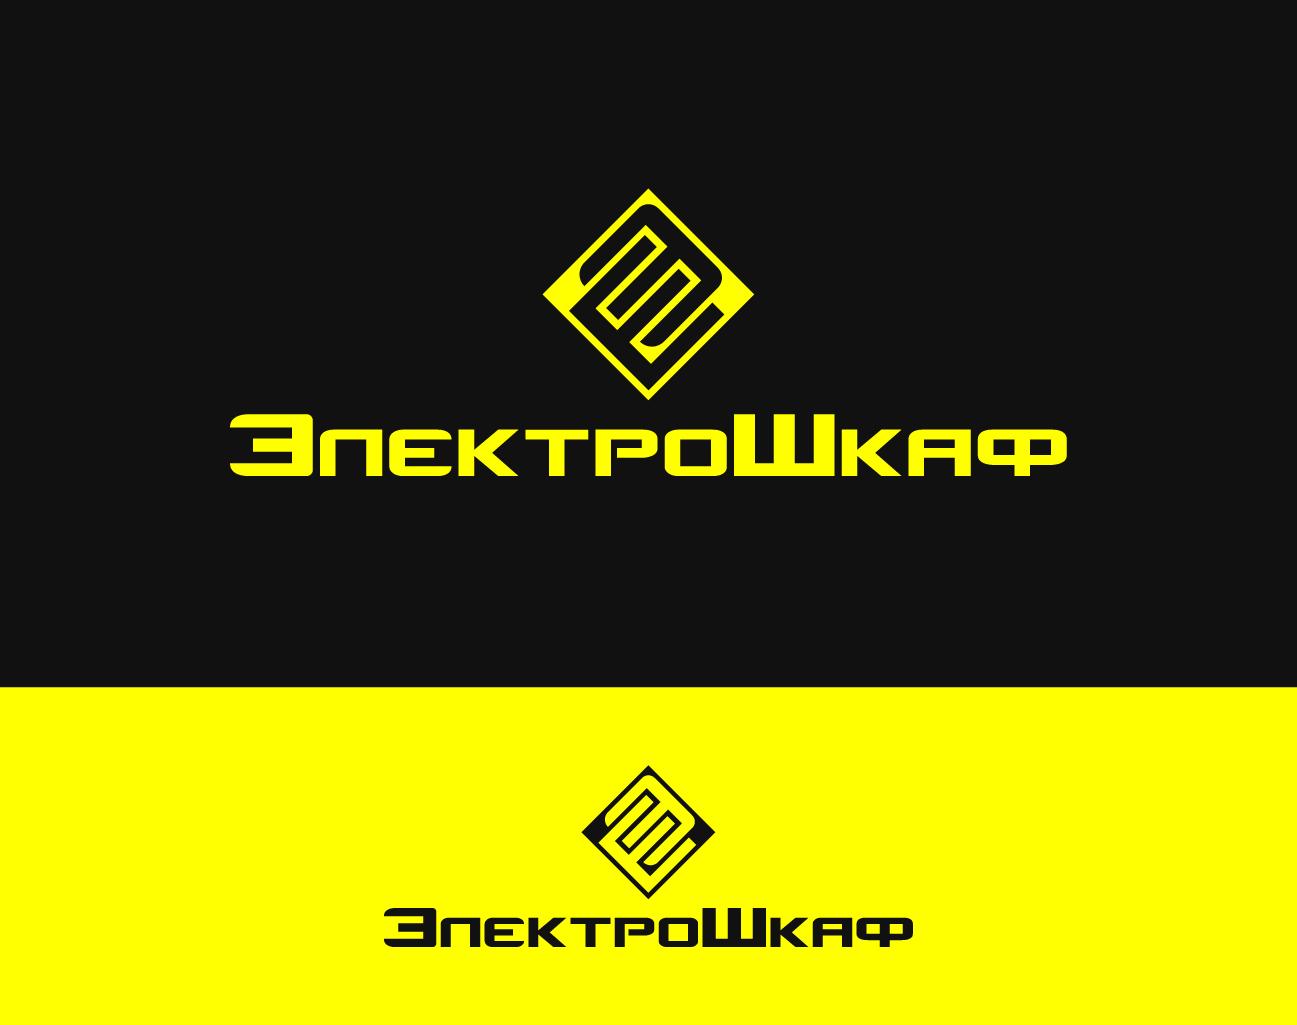 Разработать логотип для завода по производству электрощитов фото f_8665b6d7ea35637f.jpg